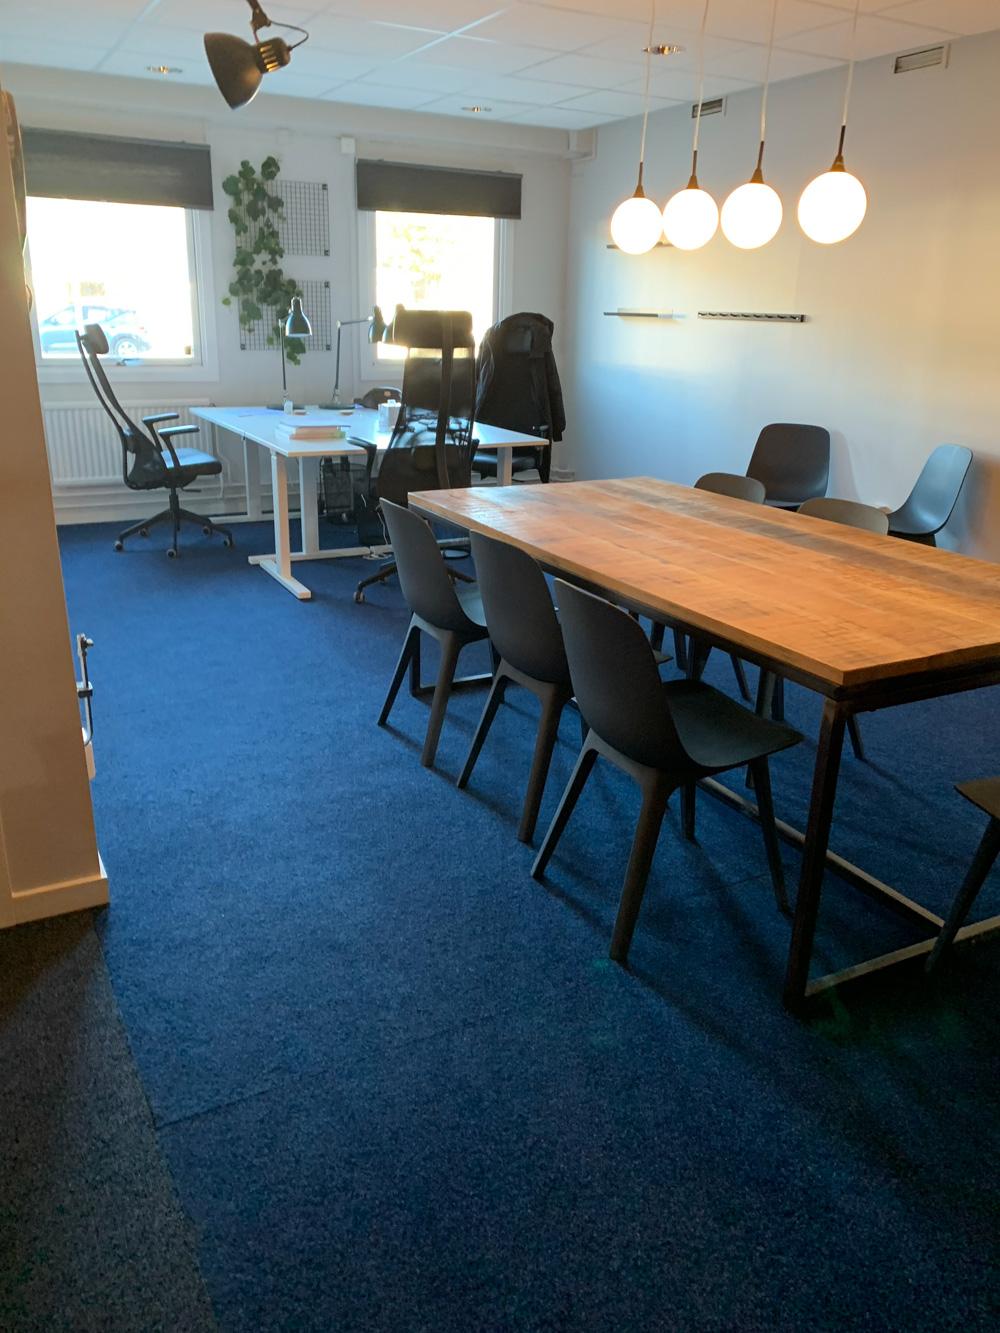 pippi-studio-torslanda-padel-5